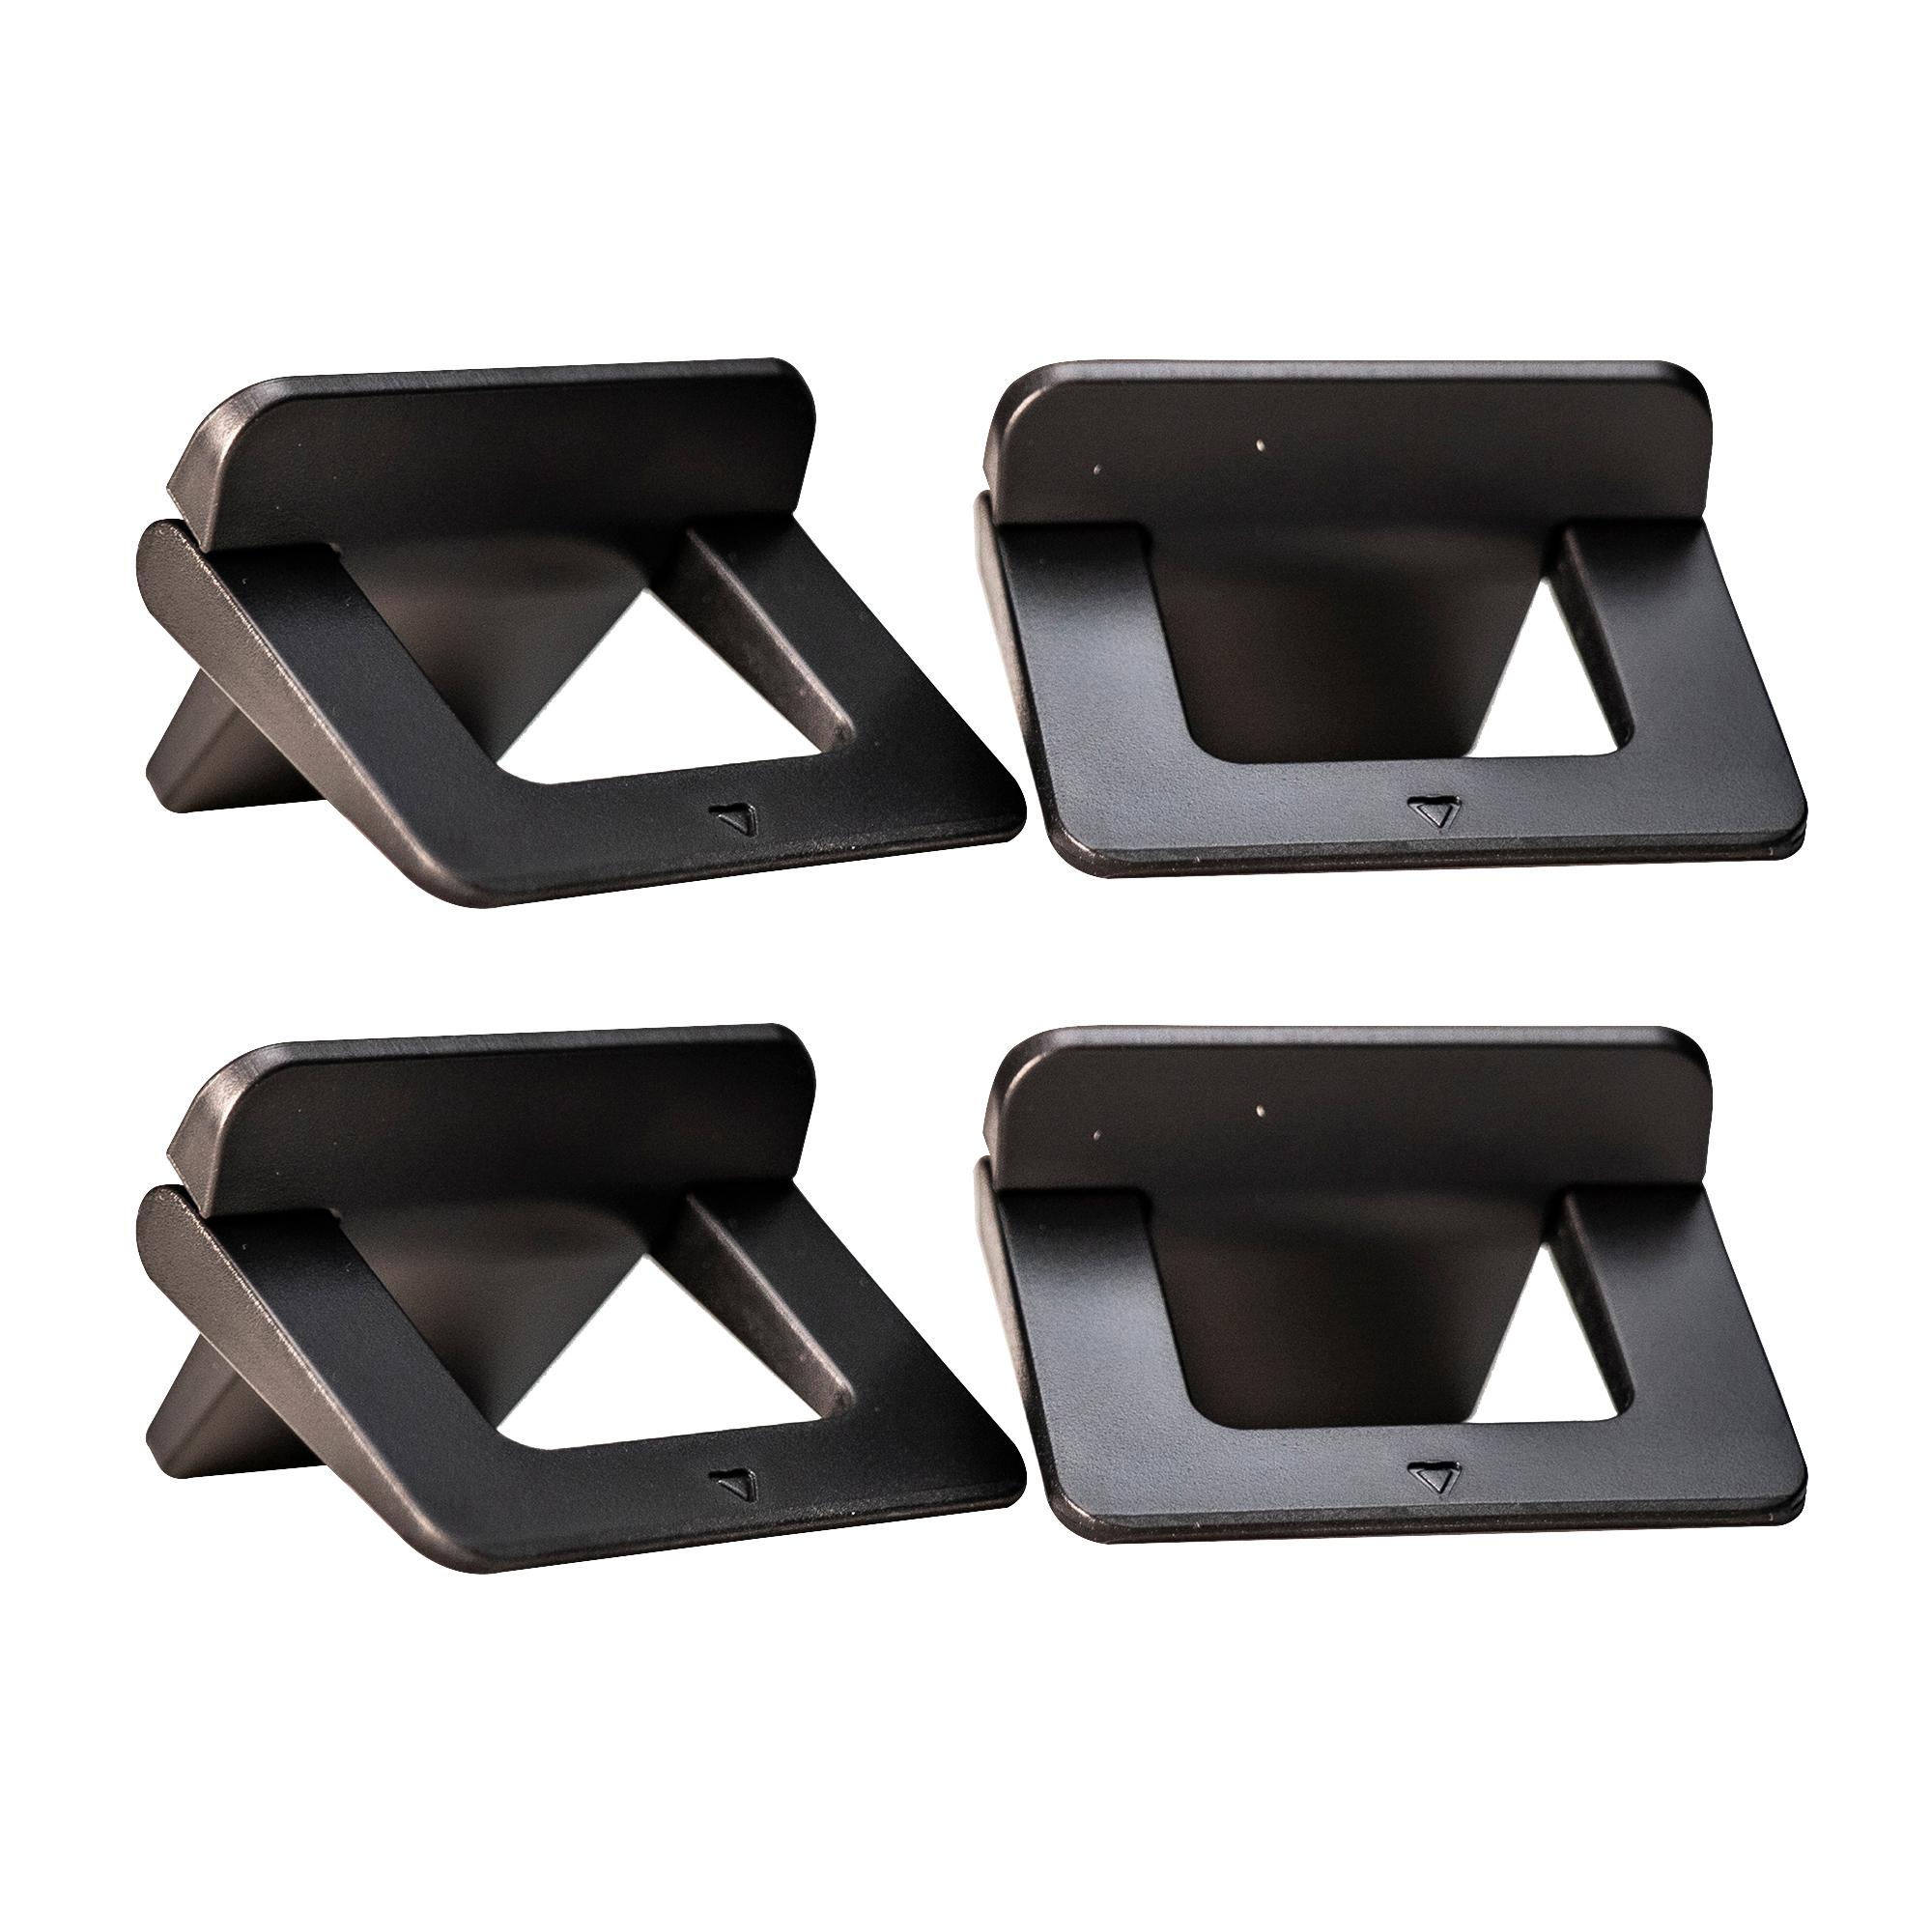 라온누리 탈부착식 노트북 높낮이 조절 접이식 스탠드 2세트, 단일색상